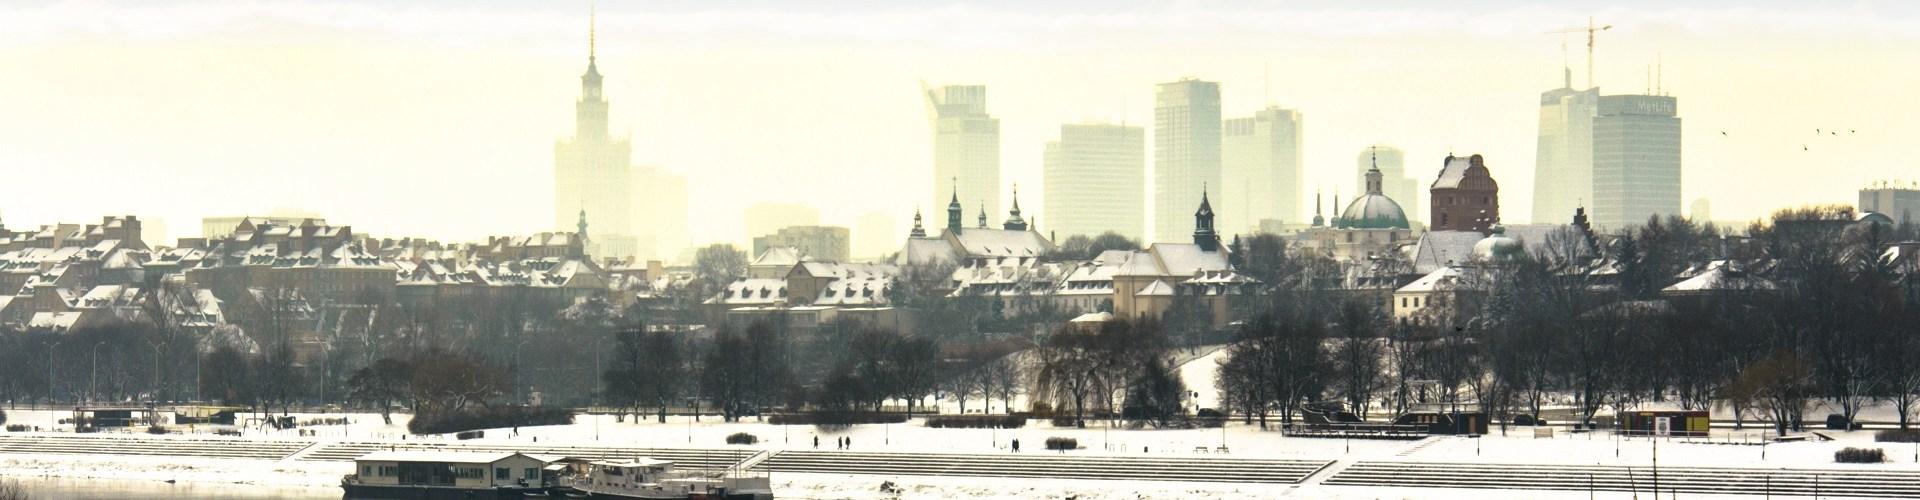 Przewodnicy po Warszawie, Zwiedzanie Warszawy z przewodnikiem